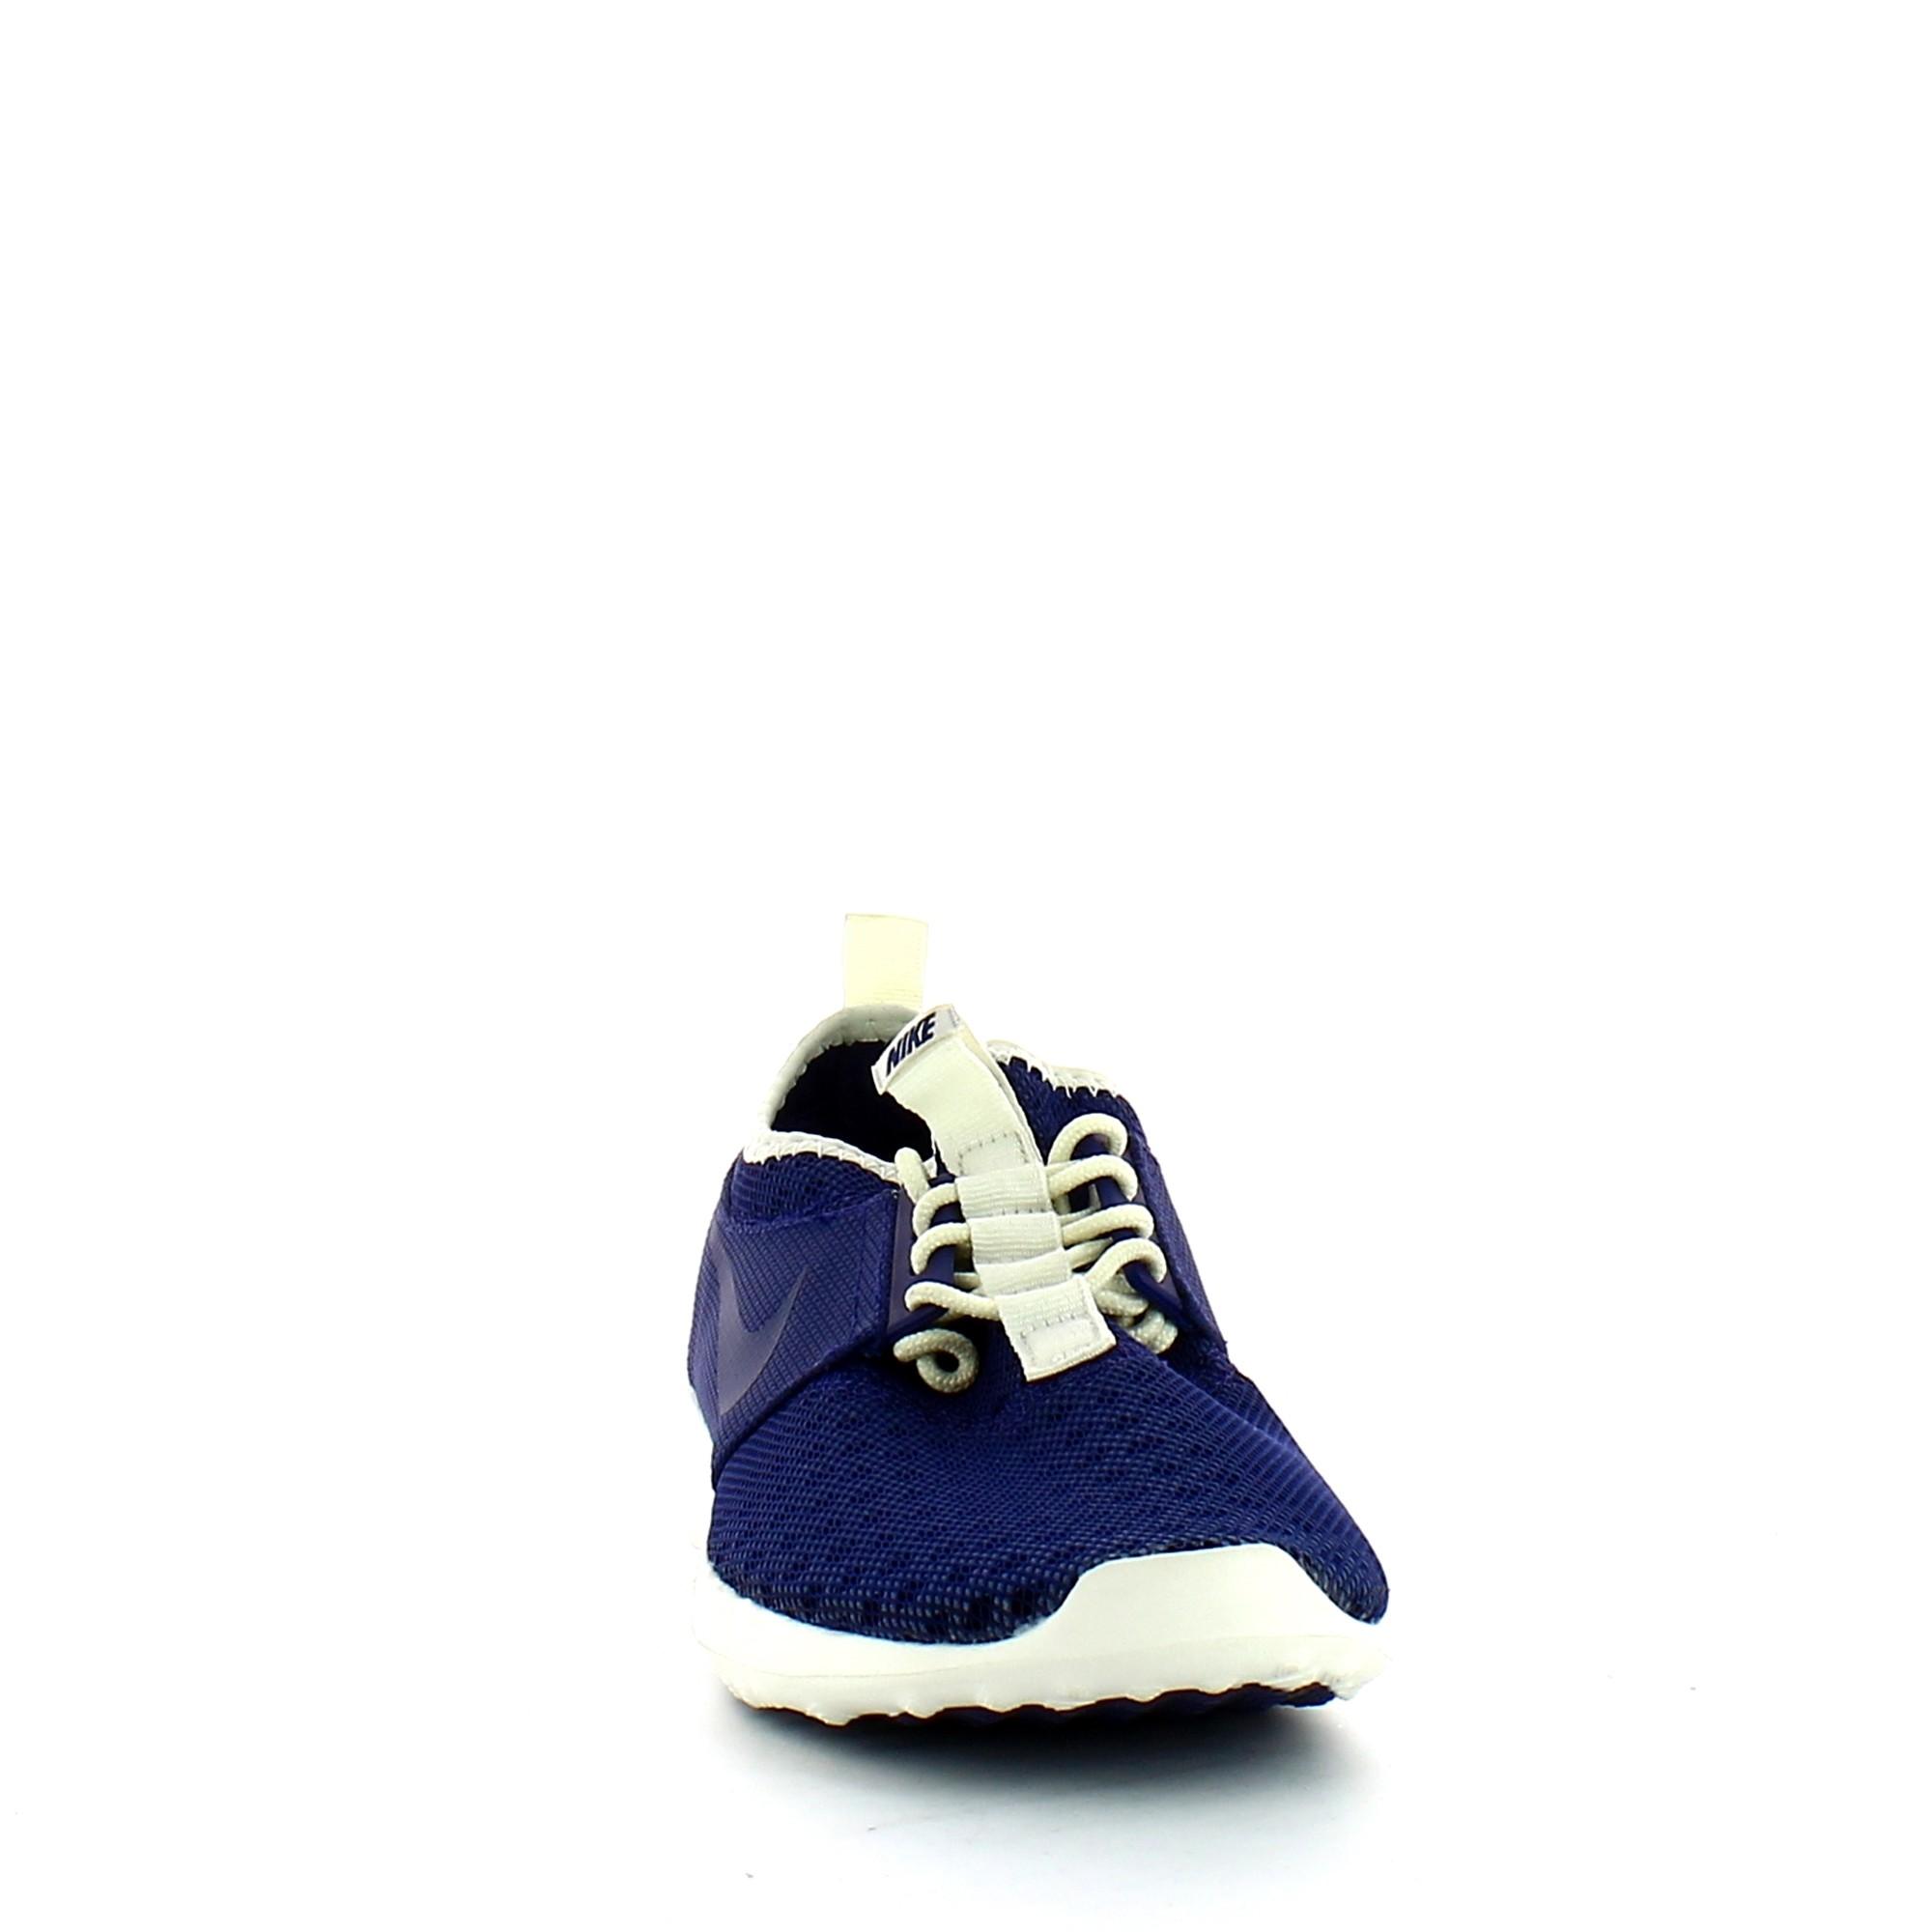 869389f13e57 Comprar Zapatillas Nike Juvenate Marino Hombre - Deportes Moya